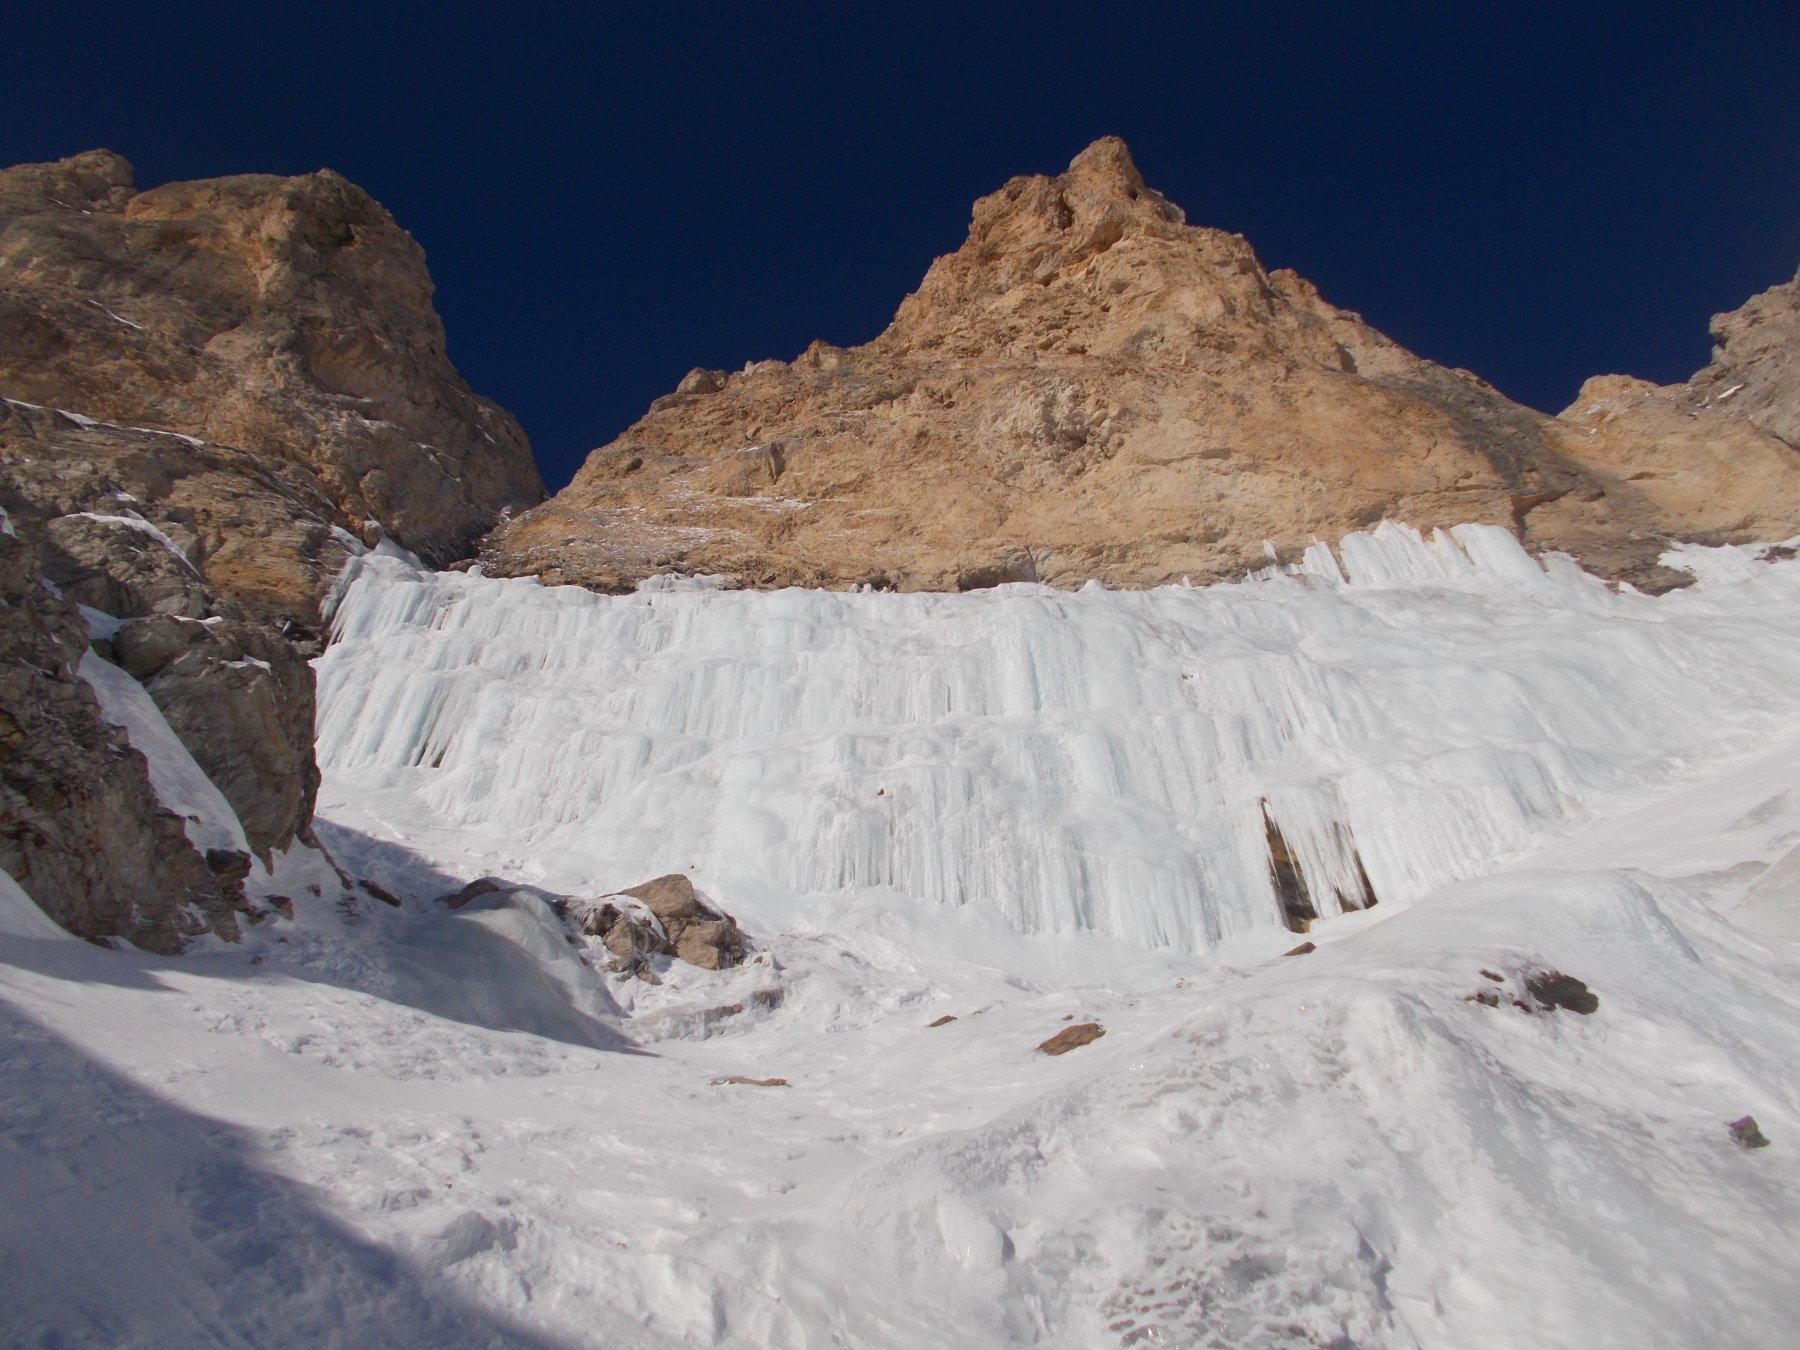 Seguret (Monte) Canale dell'Altare di Ghiaccio 2019-01-20